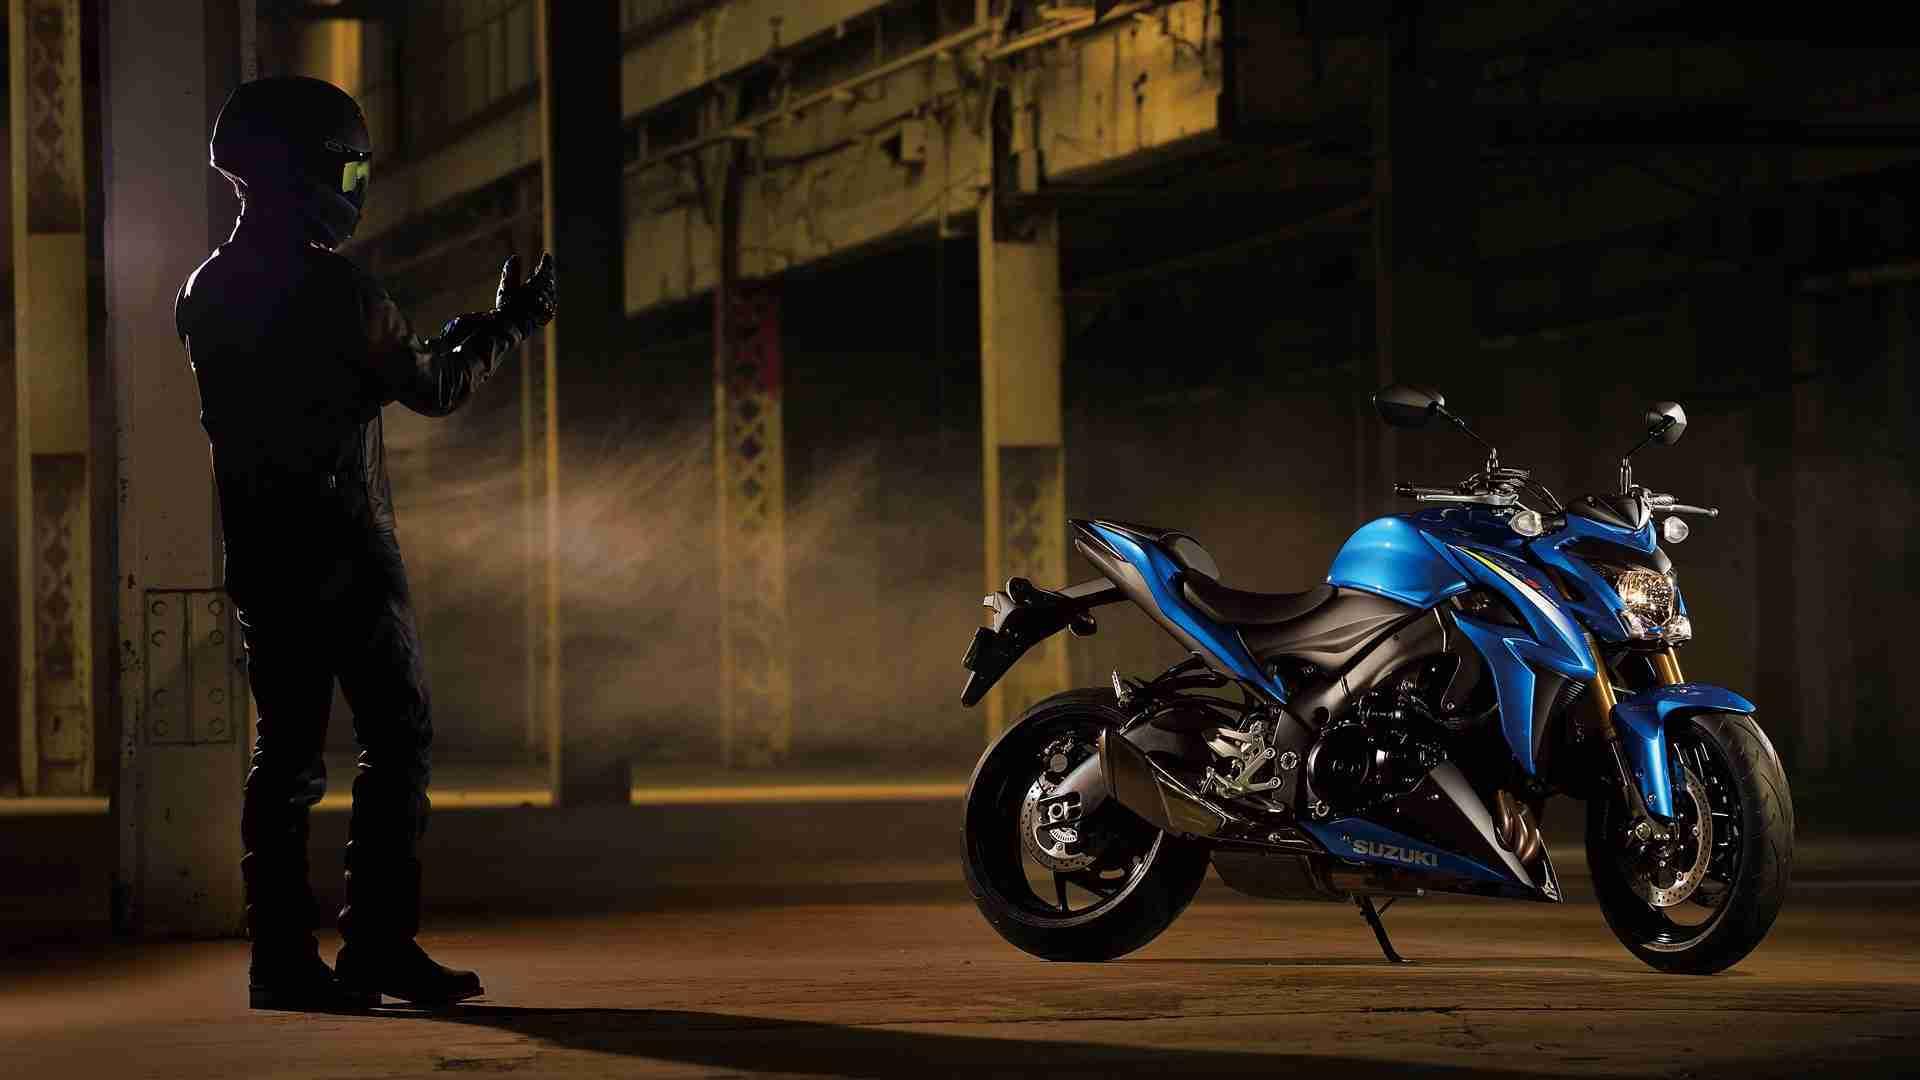 2015 Suzuki GSX-S1000 HD wallpaper